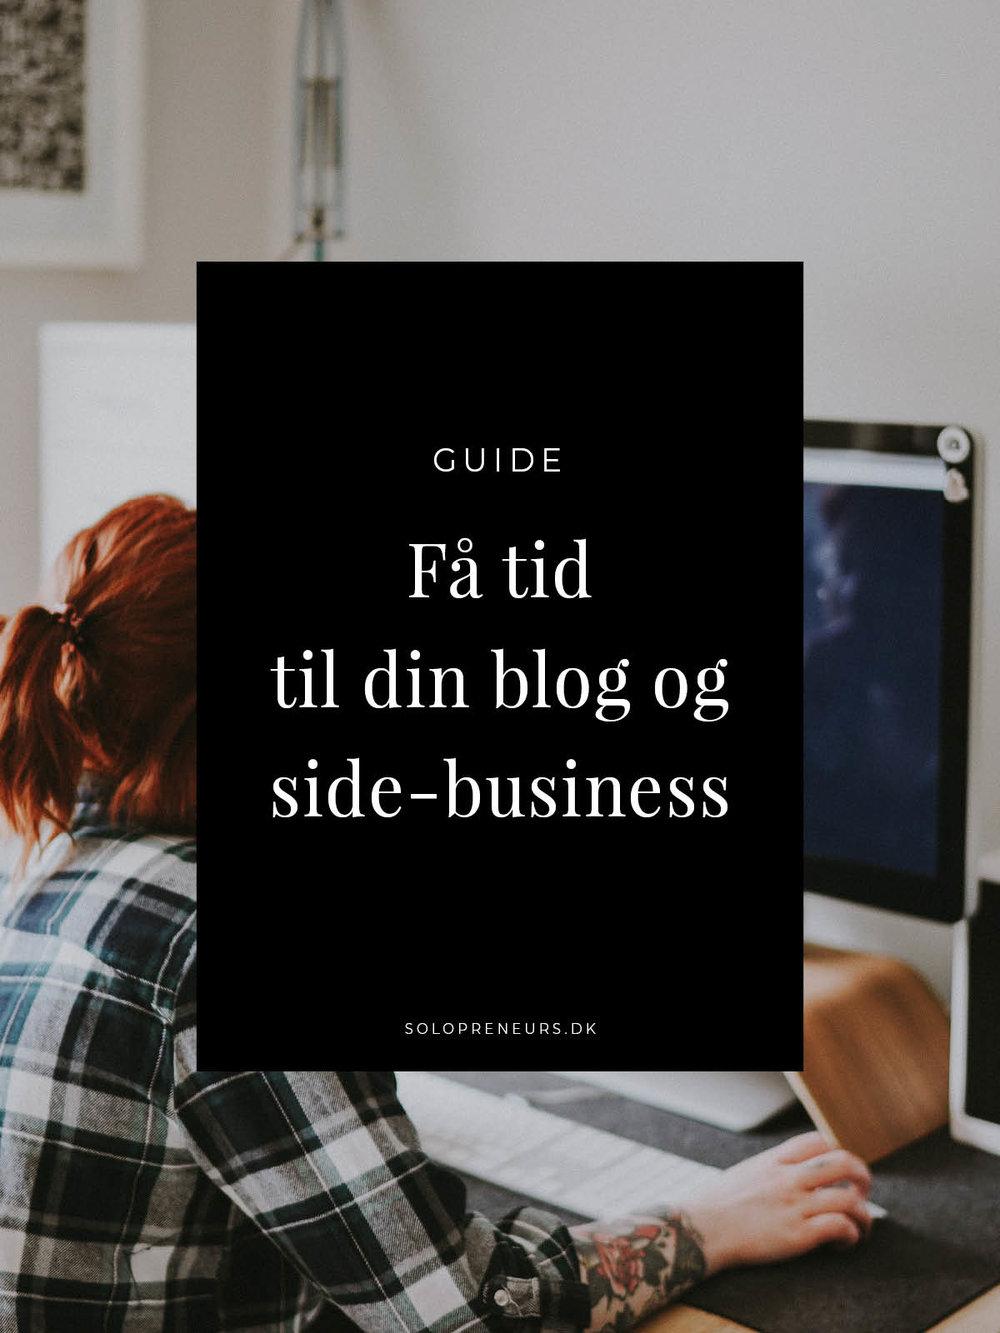 Sådan du får mere tid til at opbygge din blog og online business, selvom du har fuldtidsarbejde eller studie..jpg